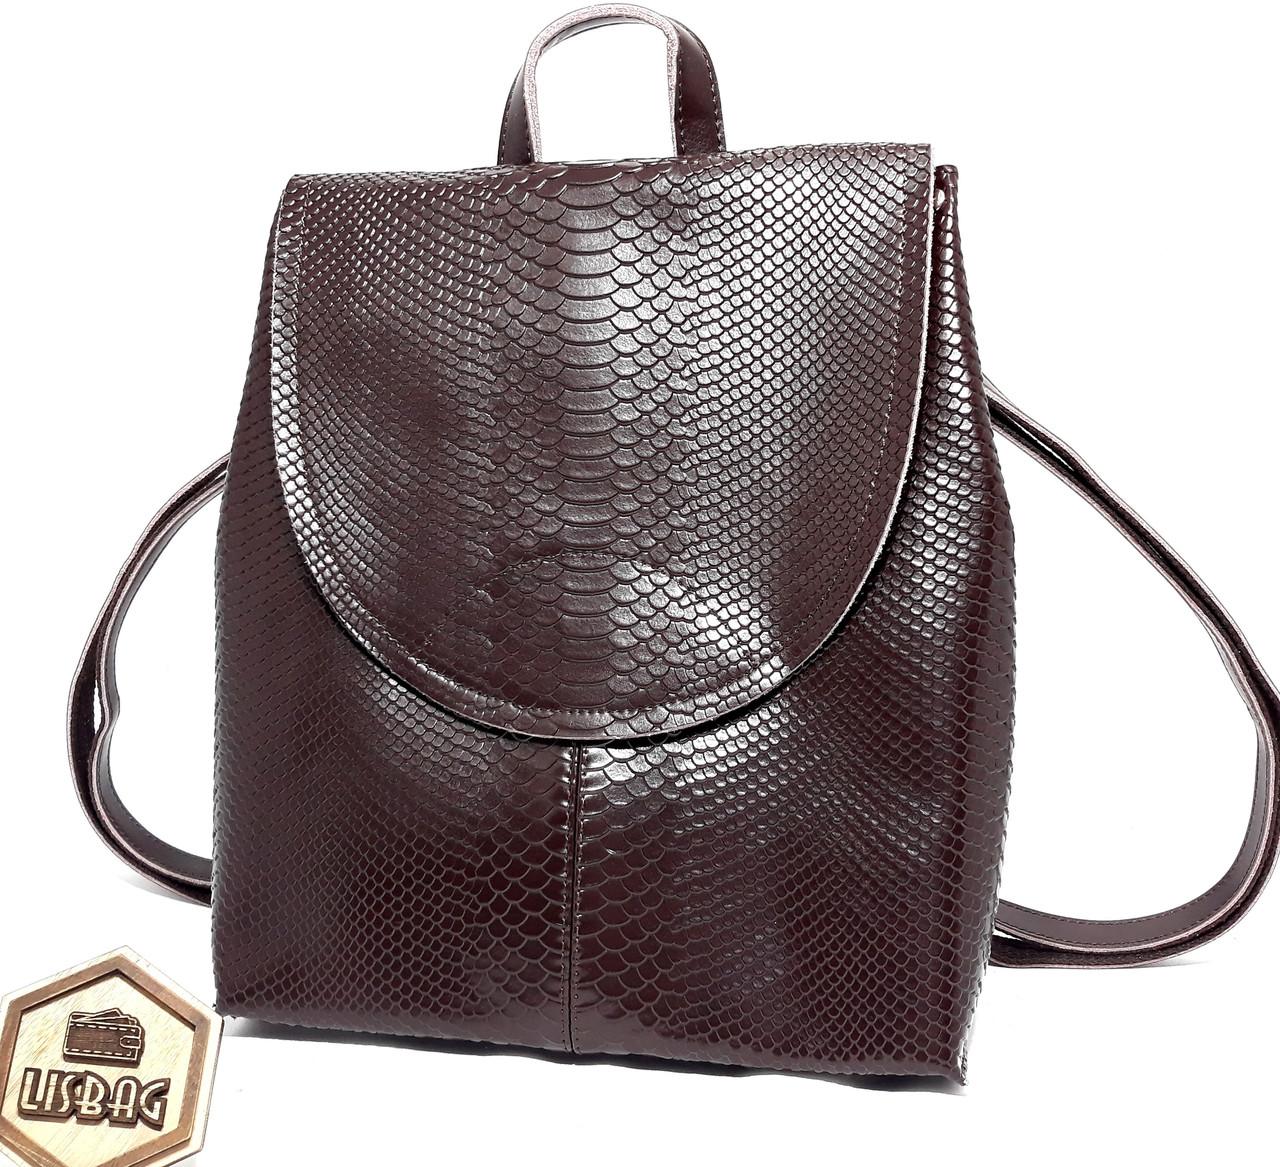 02f45feb303e Женская сумка-портфель 3D из натуральной кожи Коричневого цвета, модельный  ряд 2019 - Интернет